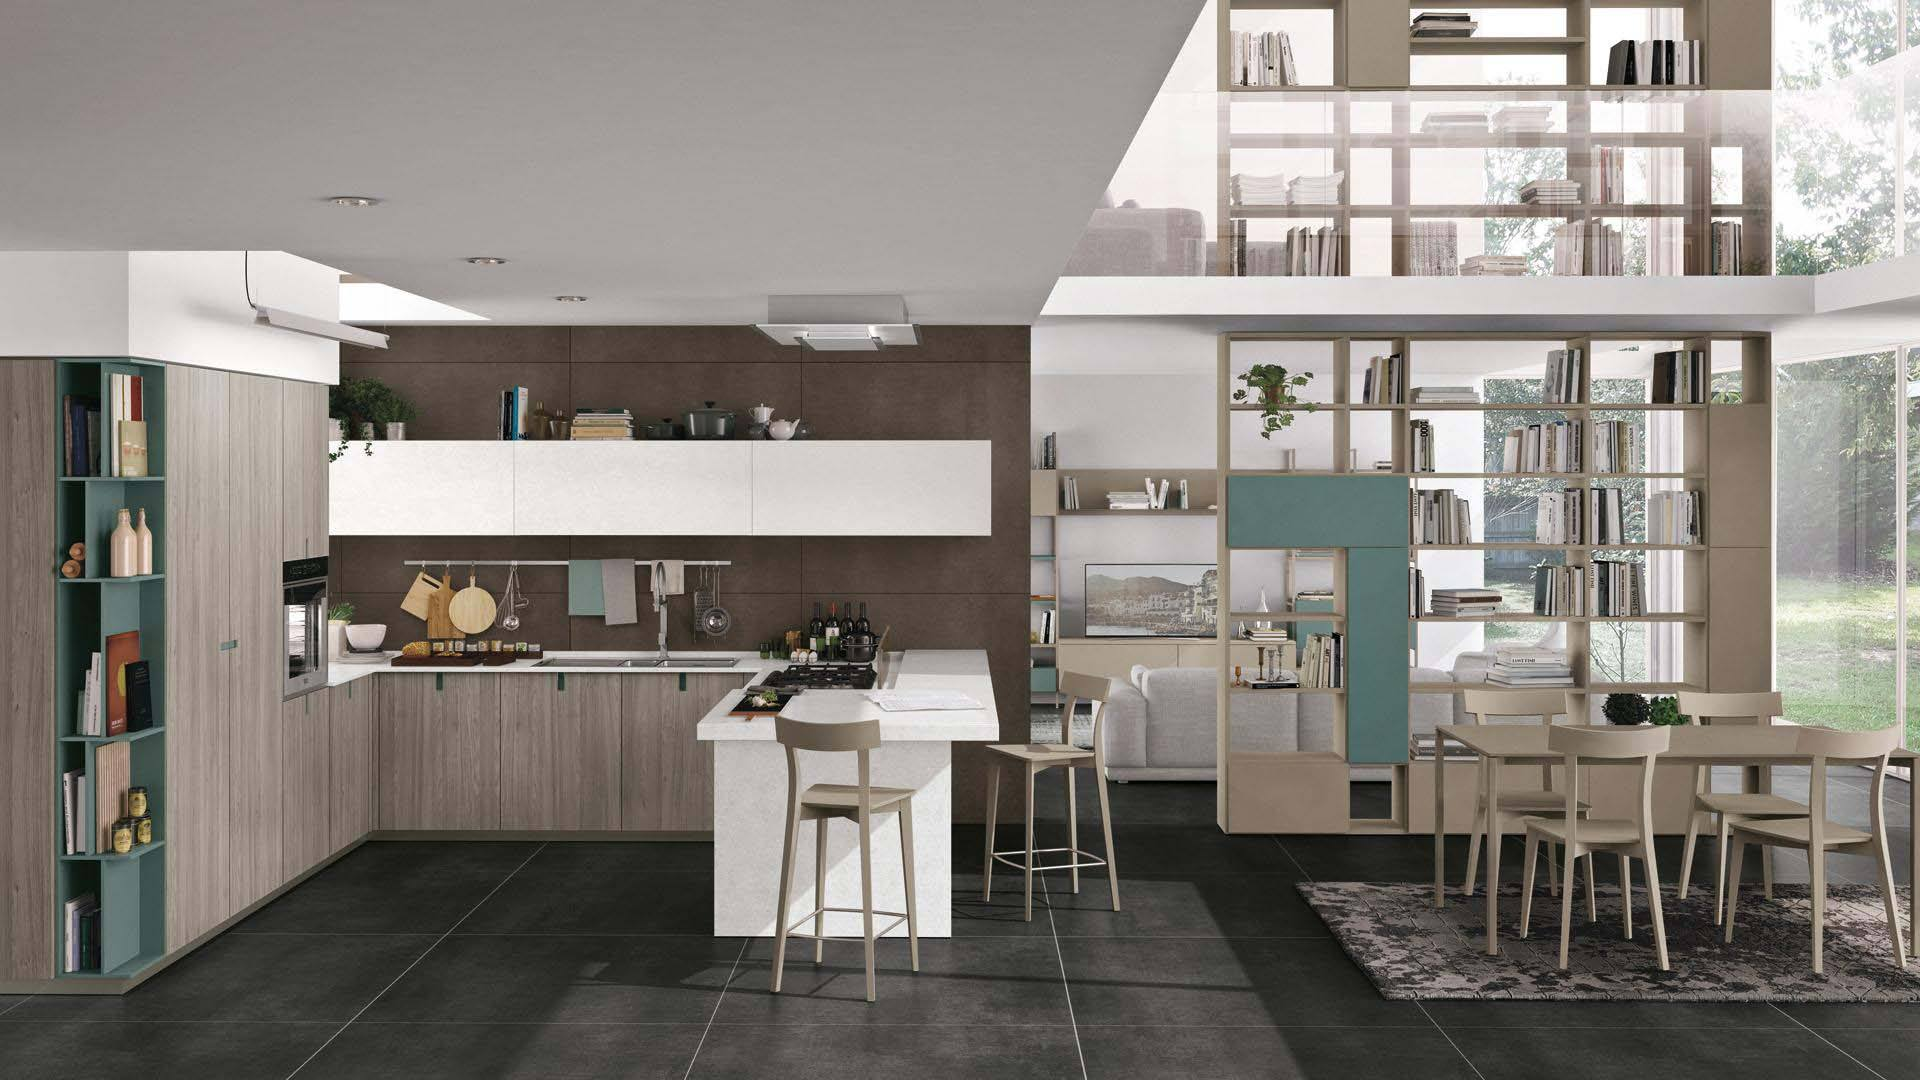 cucine moderne a milano - lube creo store corsico - Lube e Creo ...